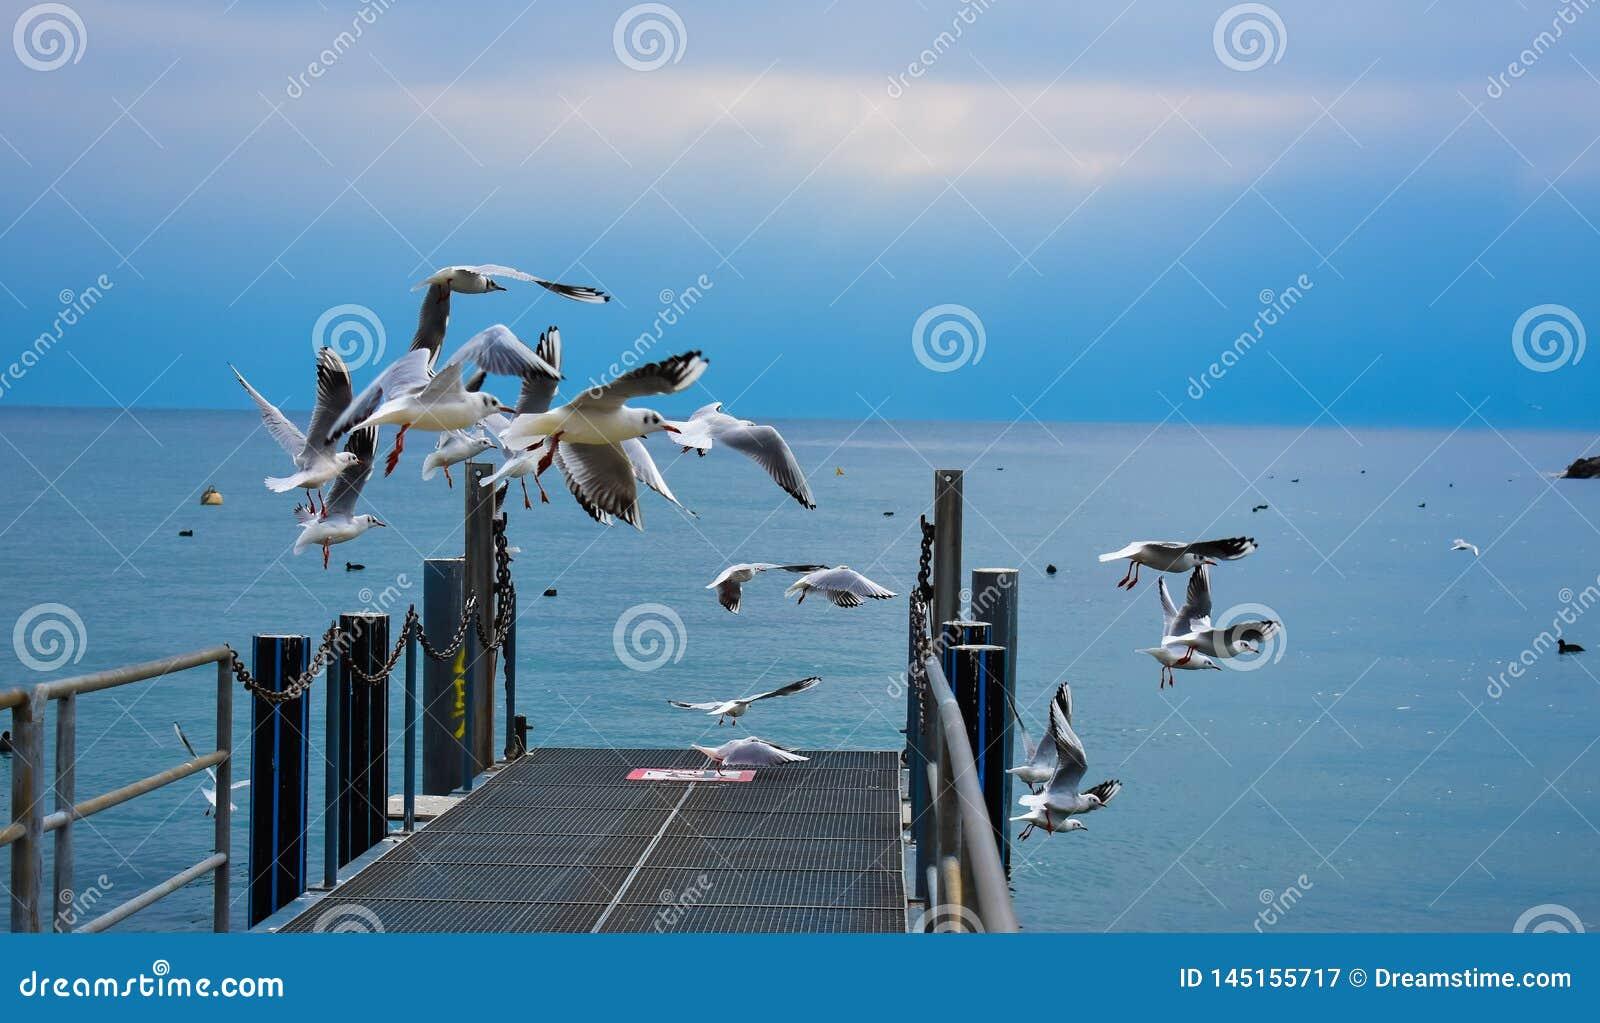 Piccioni volanti - lago Lemano, Losanna